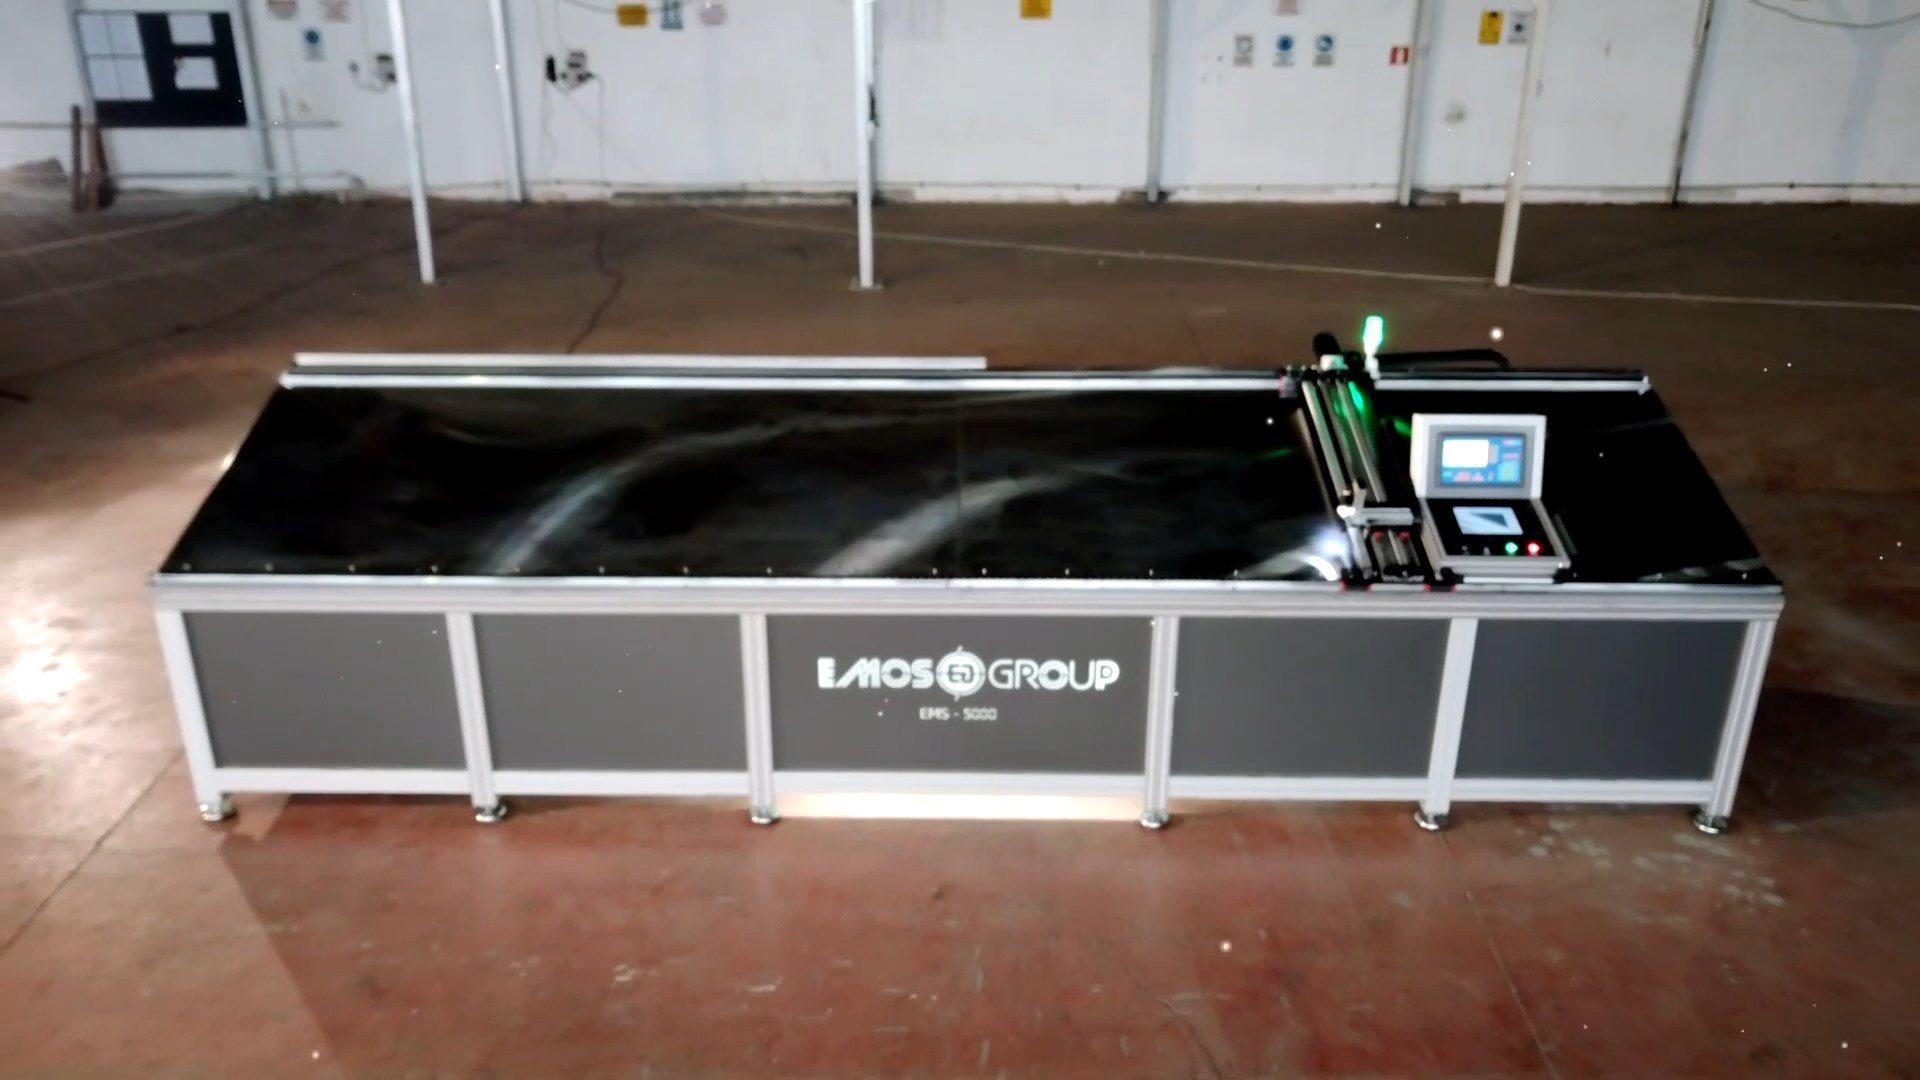 Makine Tanıtım Filmi EMS 5000 İngilizce Anlatım 8 1920x1080 - Emos Group EMS 5000 Ürün Tanıtım Filmi